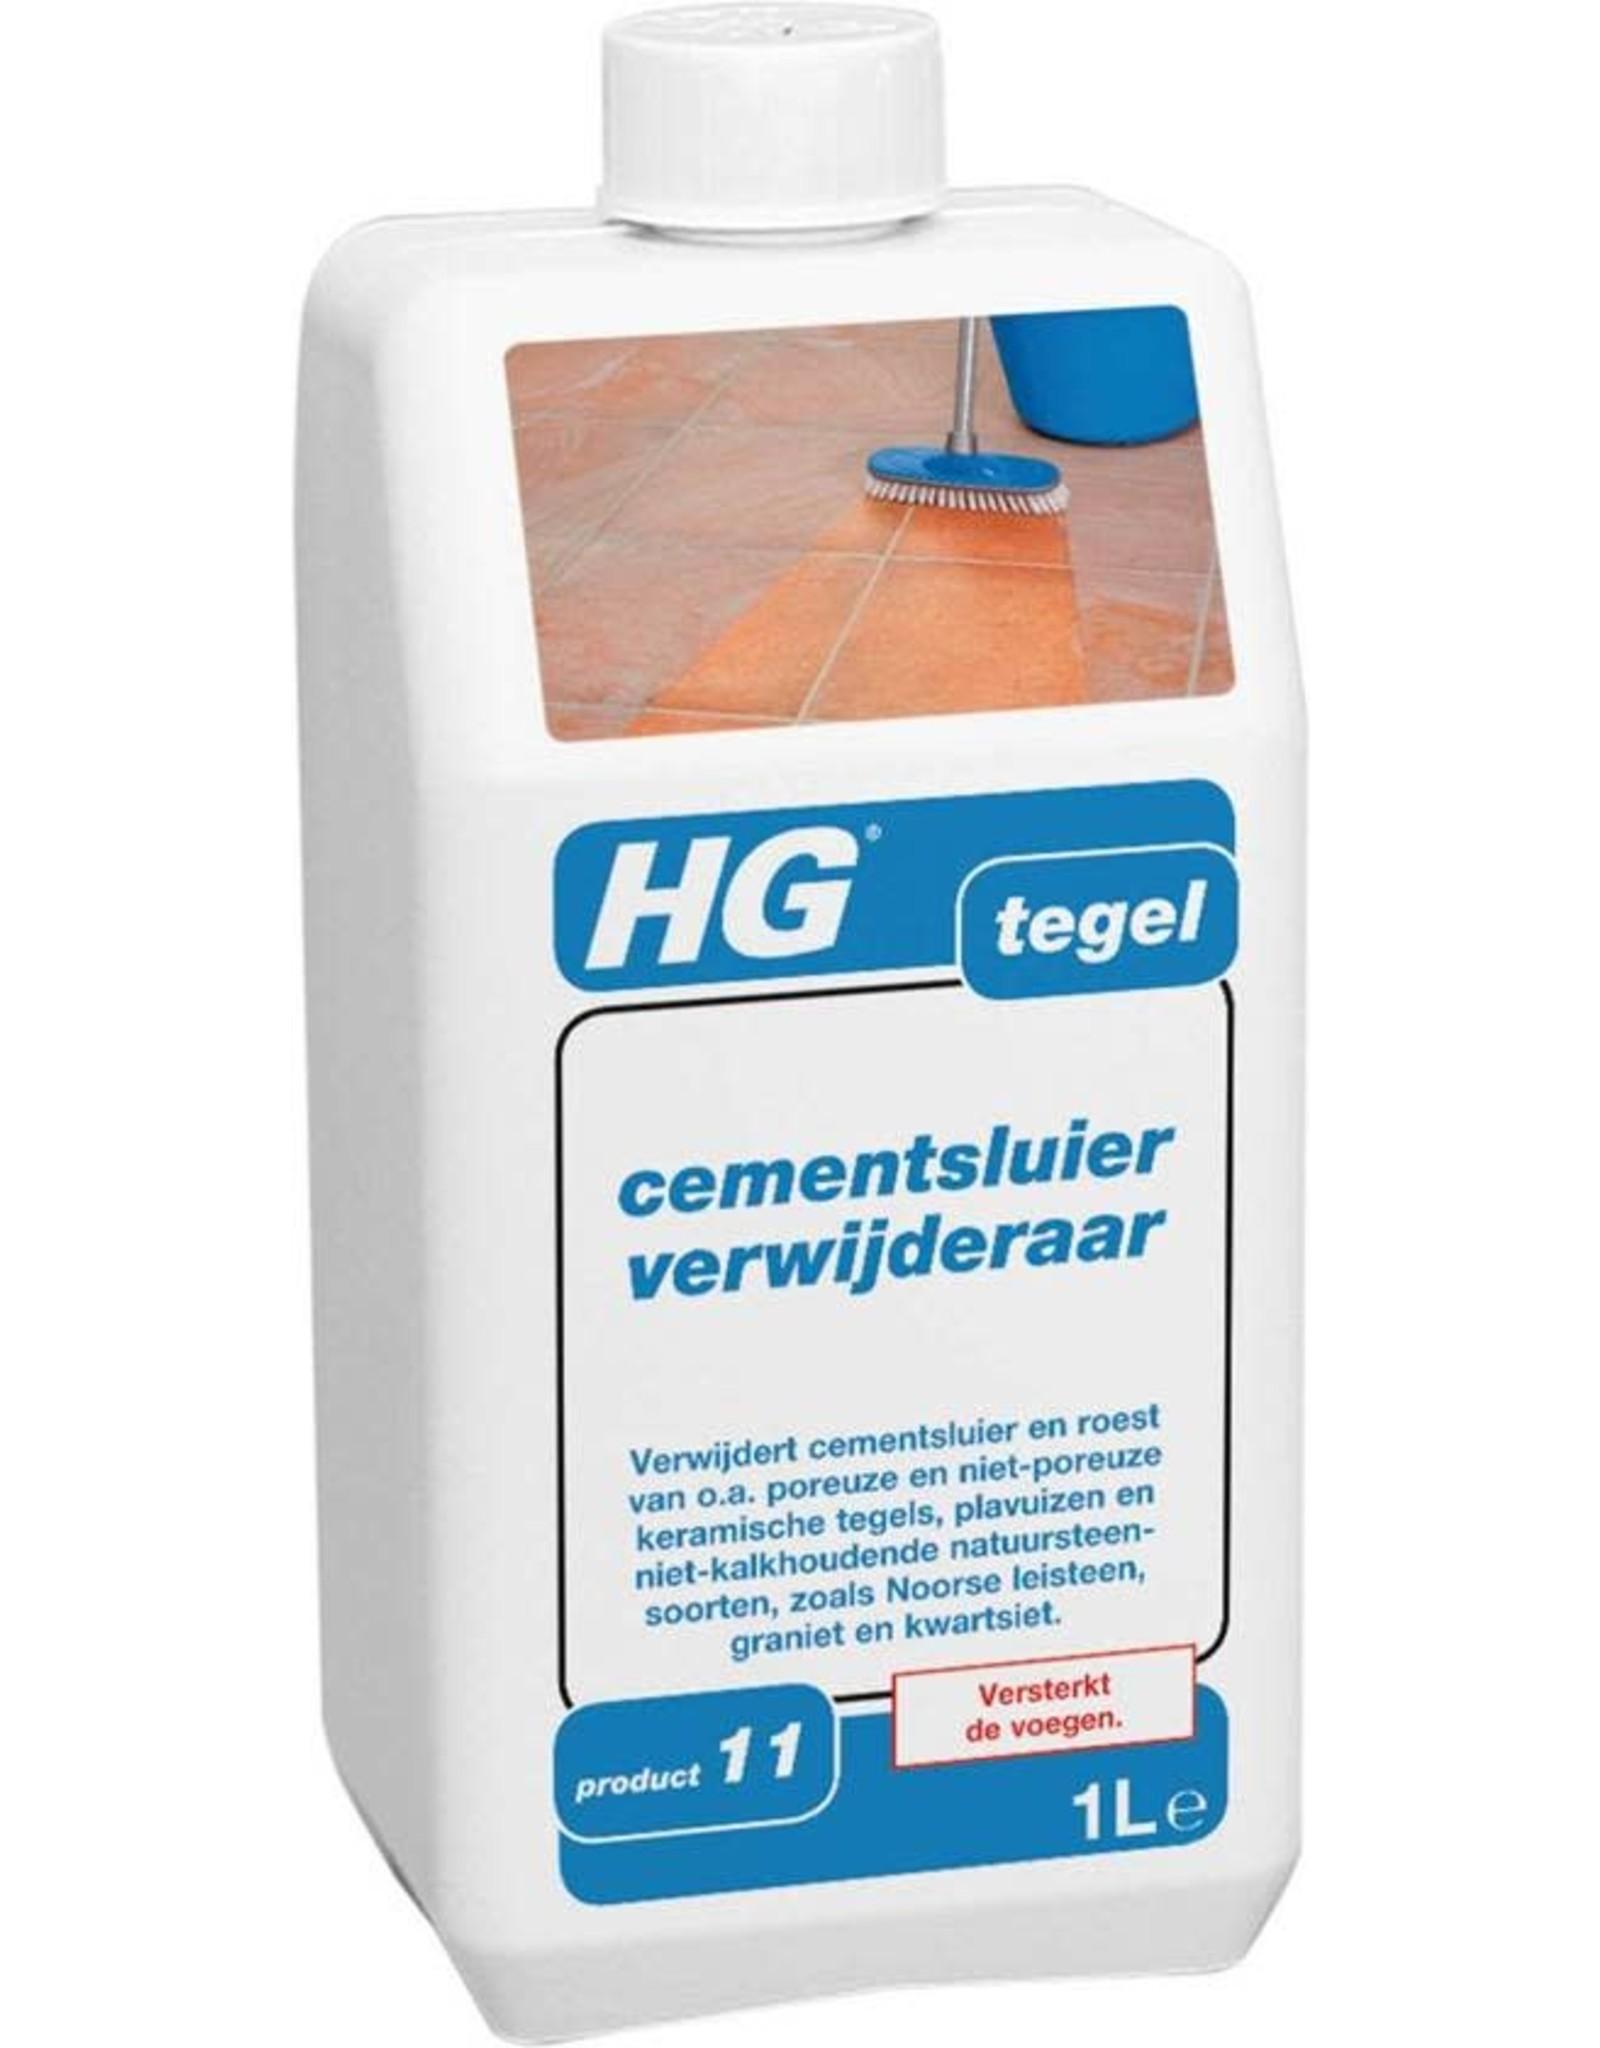 HG Cementsluier Verwijderaar